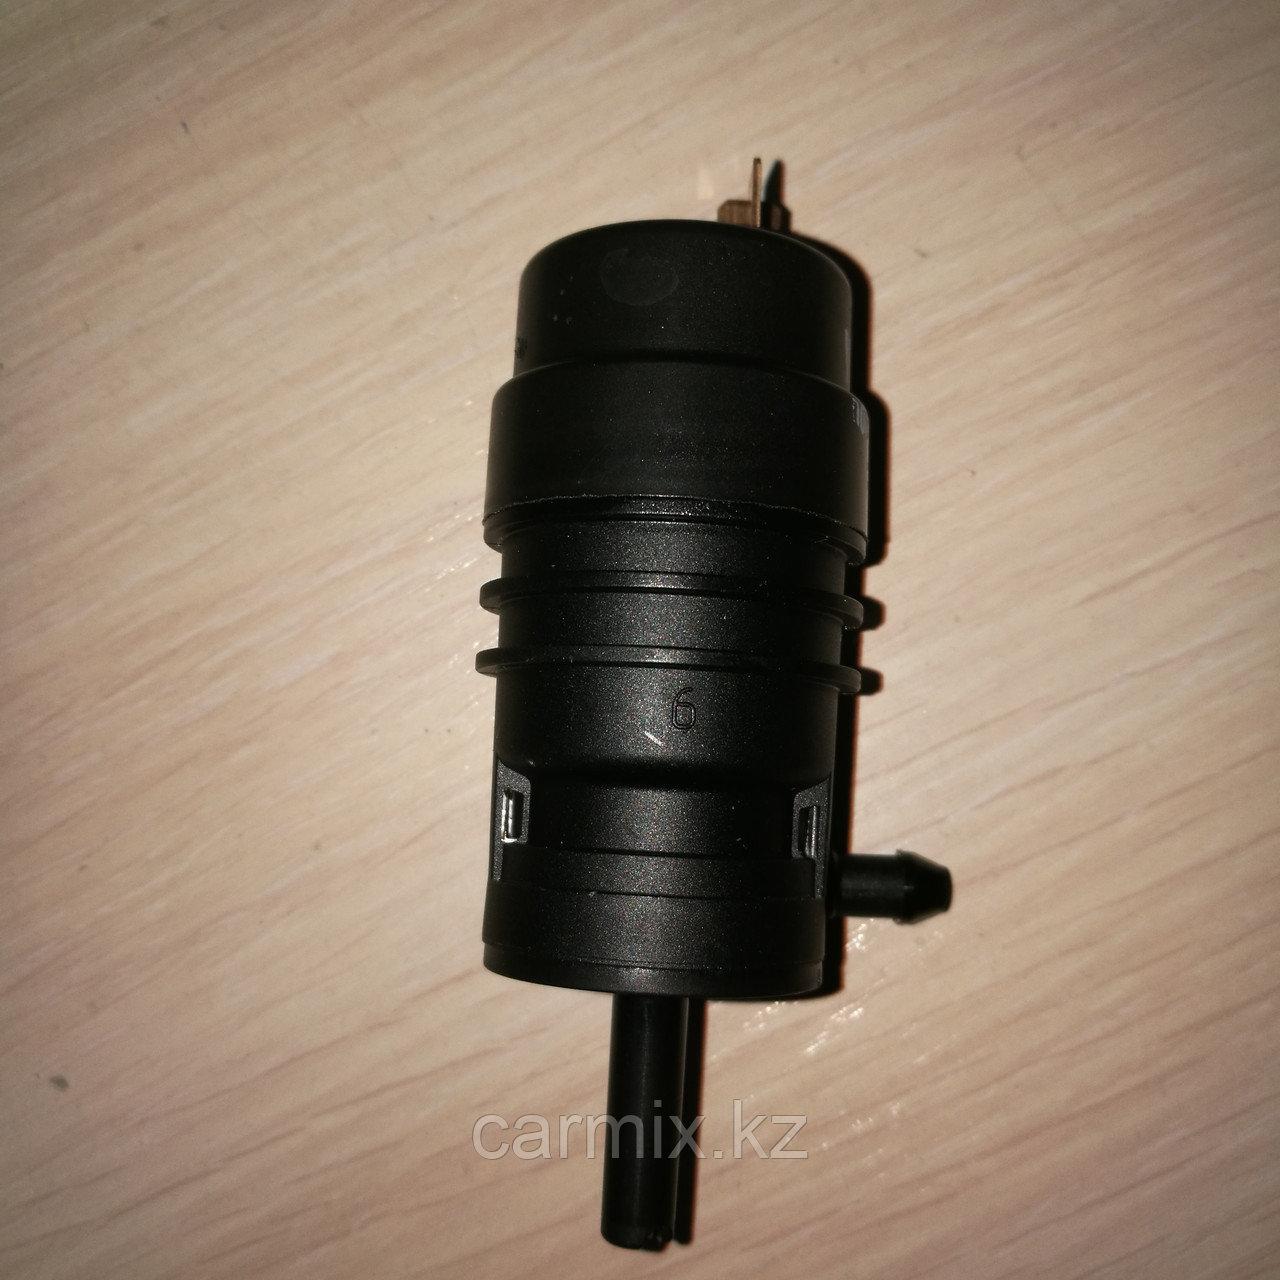 Мотор омывателя лобового стекла MERCEDES, FORD, CHRYSLER, AUDI